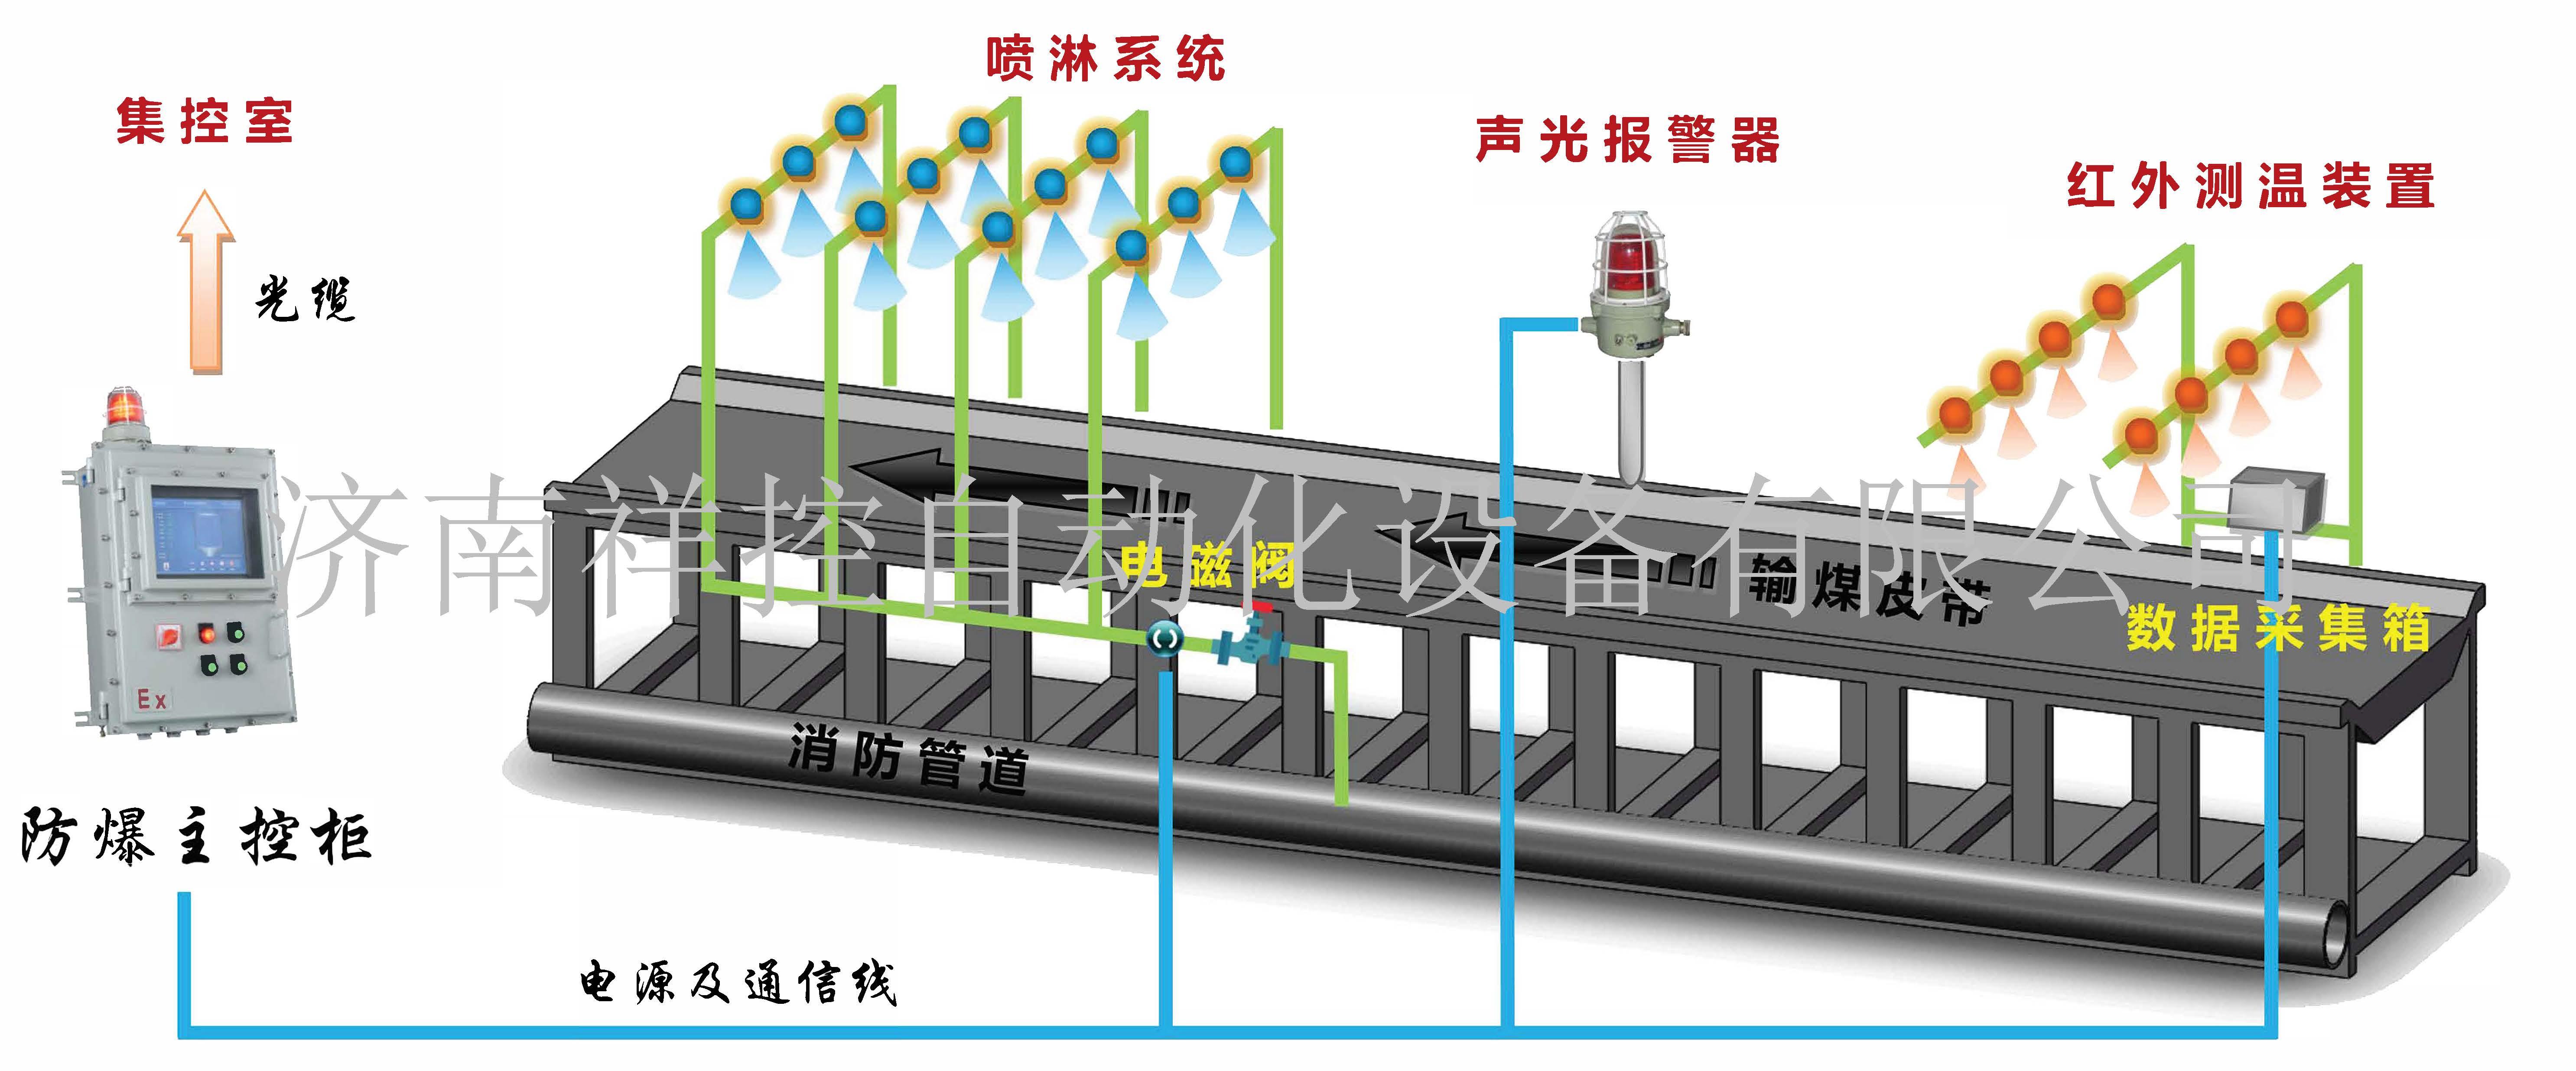 明火煤在线监测系统示意图.jpg